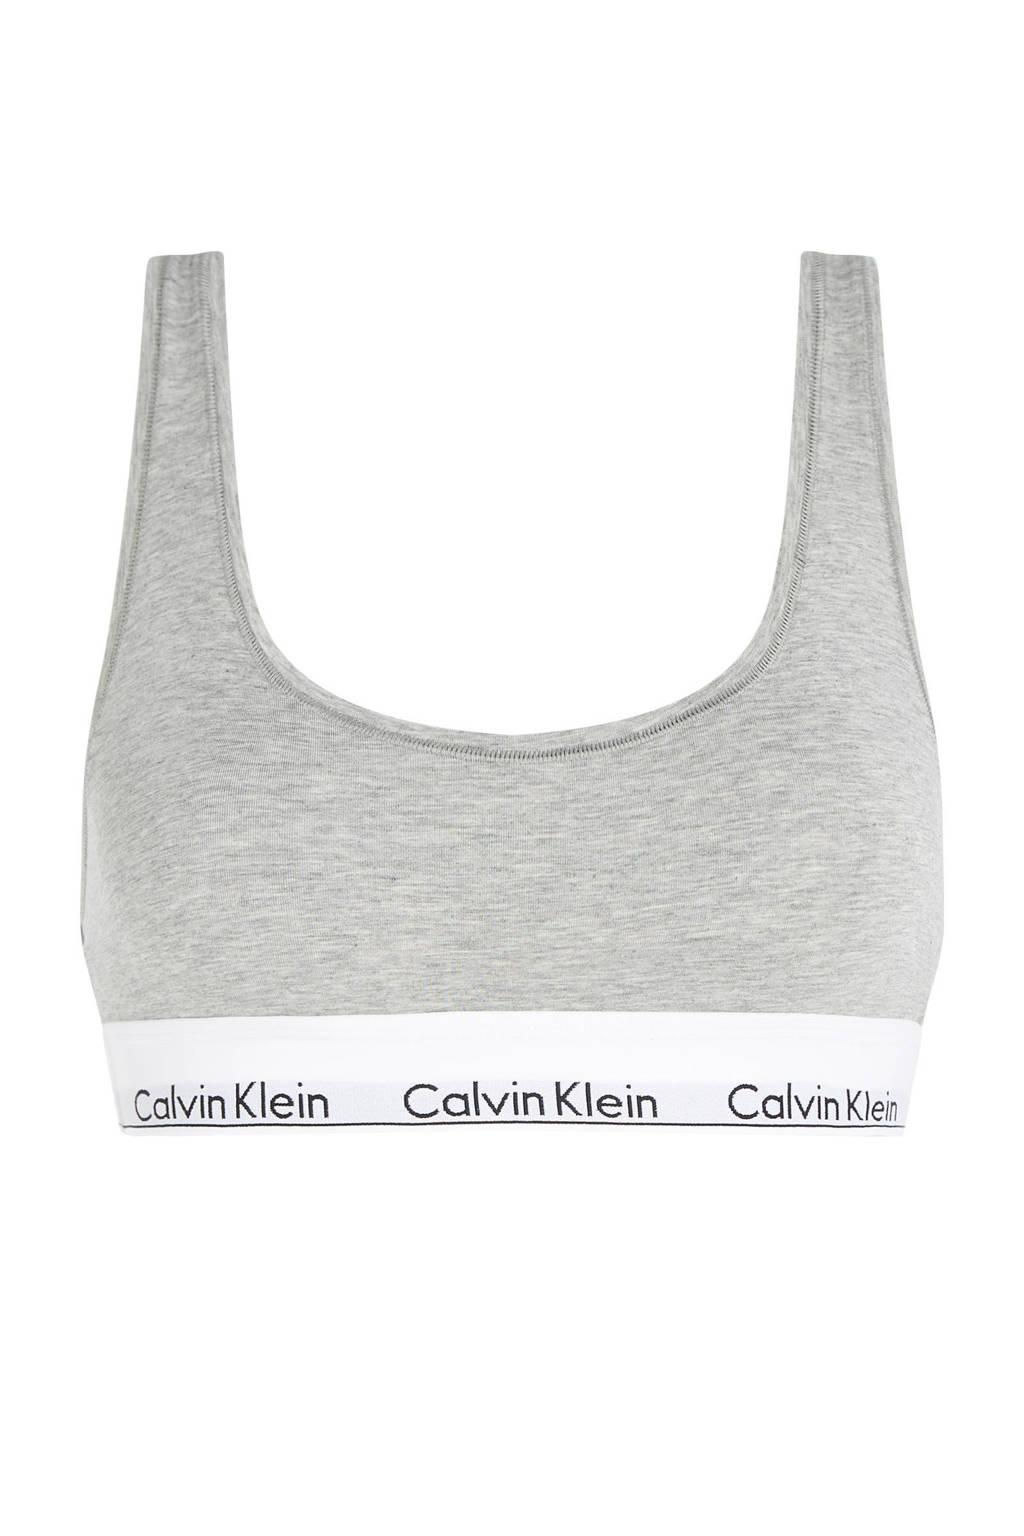 Calvin Klein Underwear bralette, Grijs melee